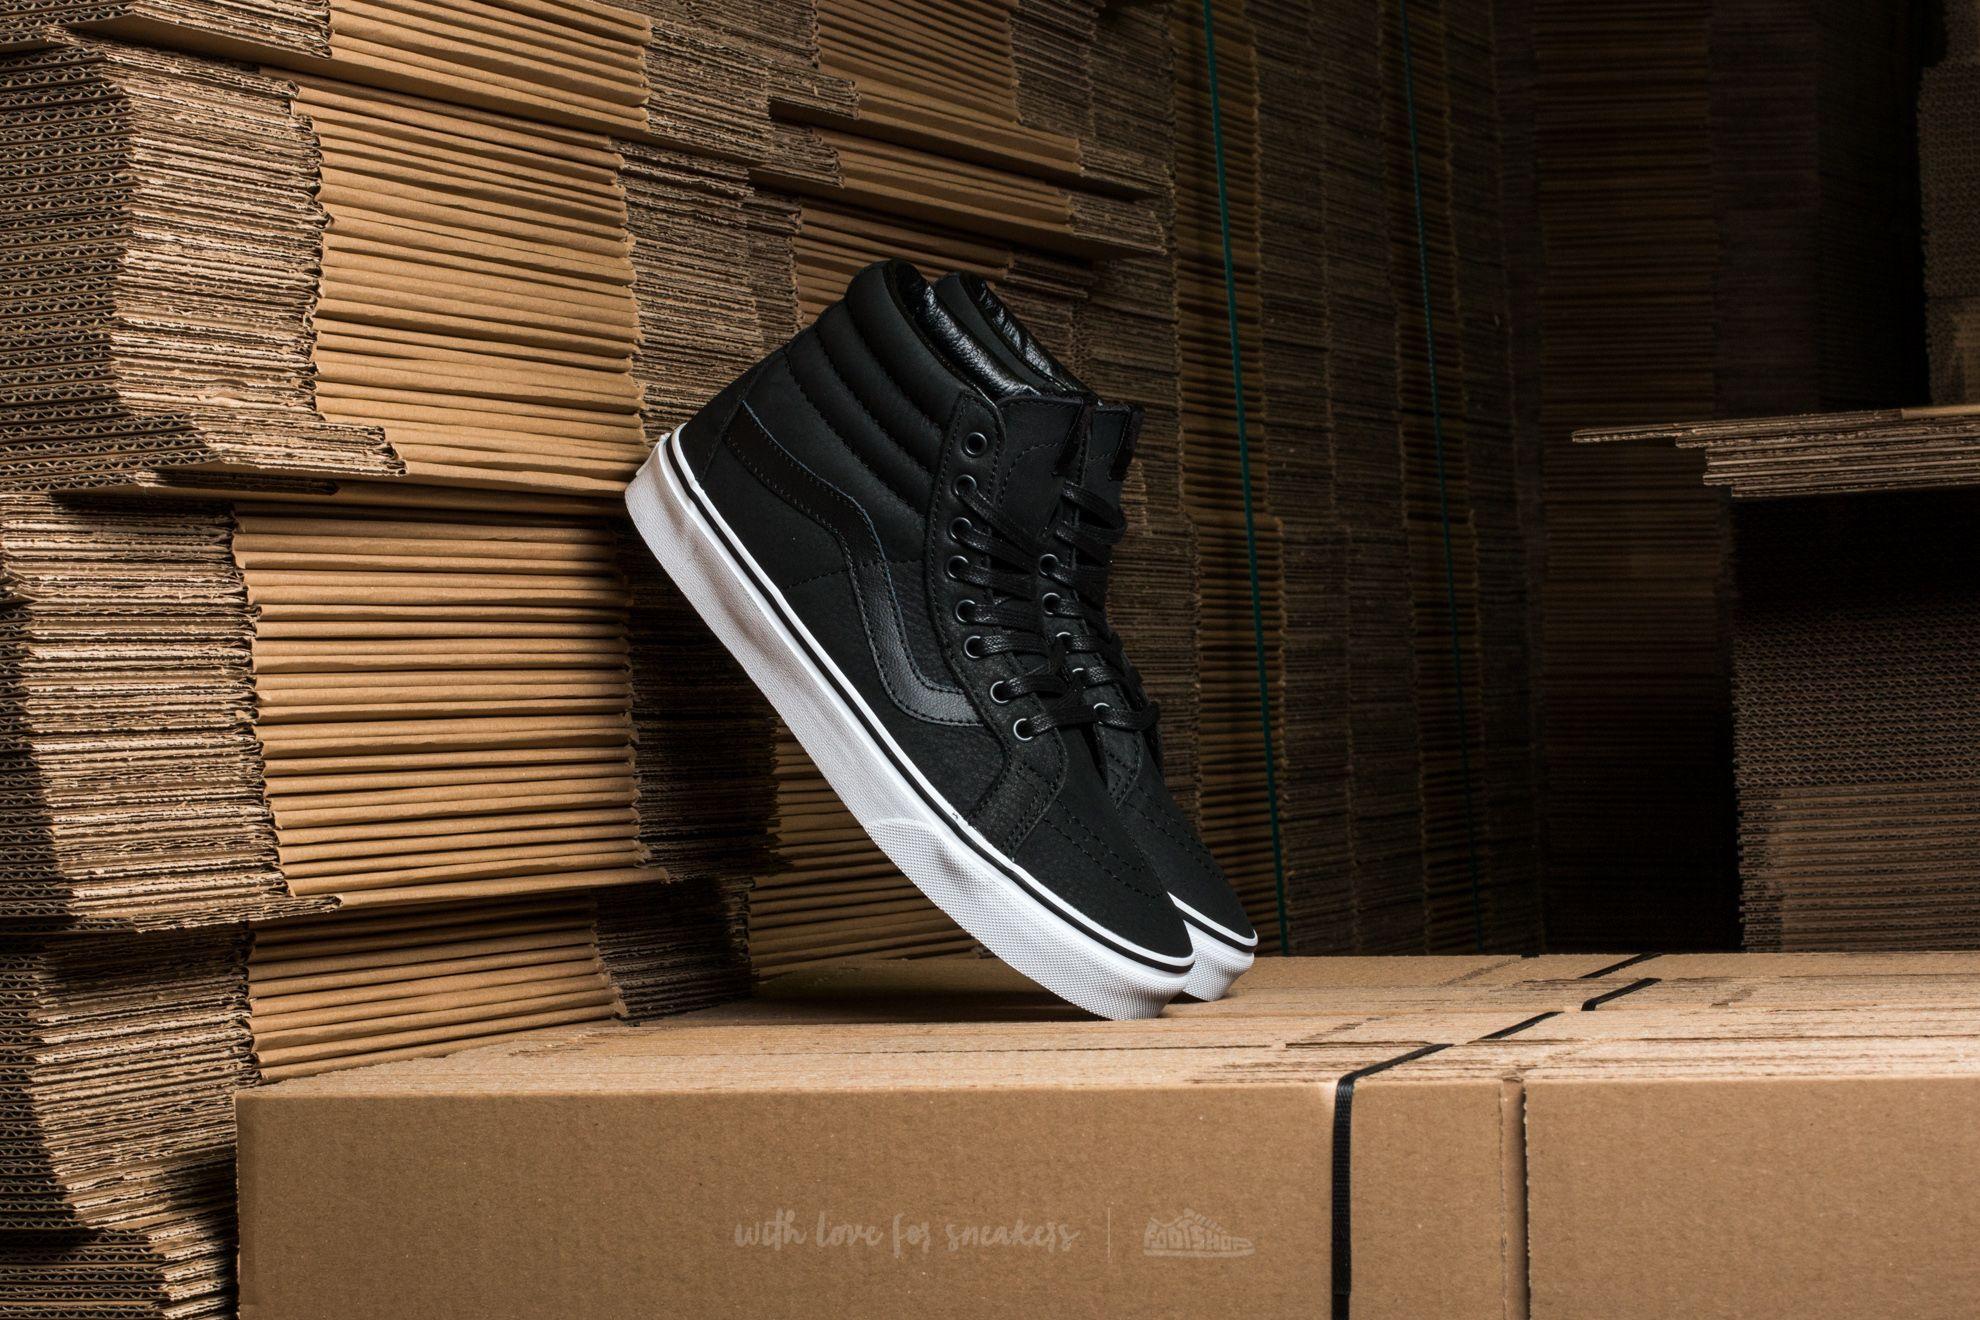 Vans Sk8-Hi Reissue (Premium Leather) Black/ True White - 12129